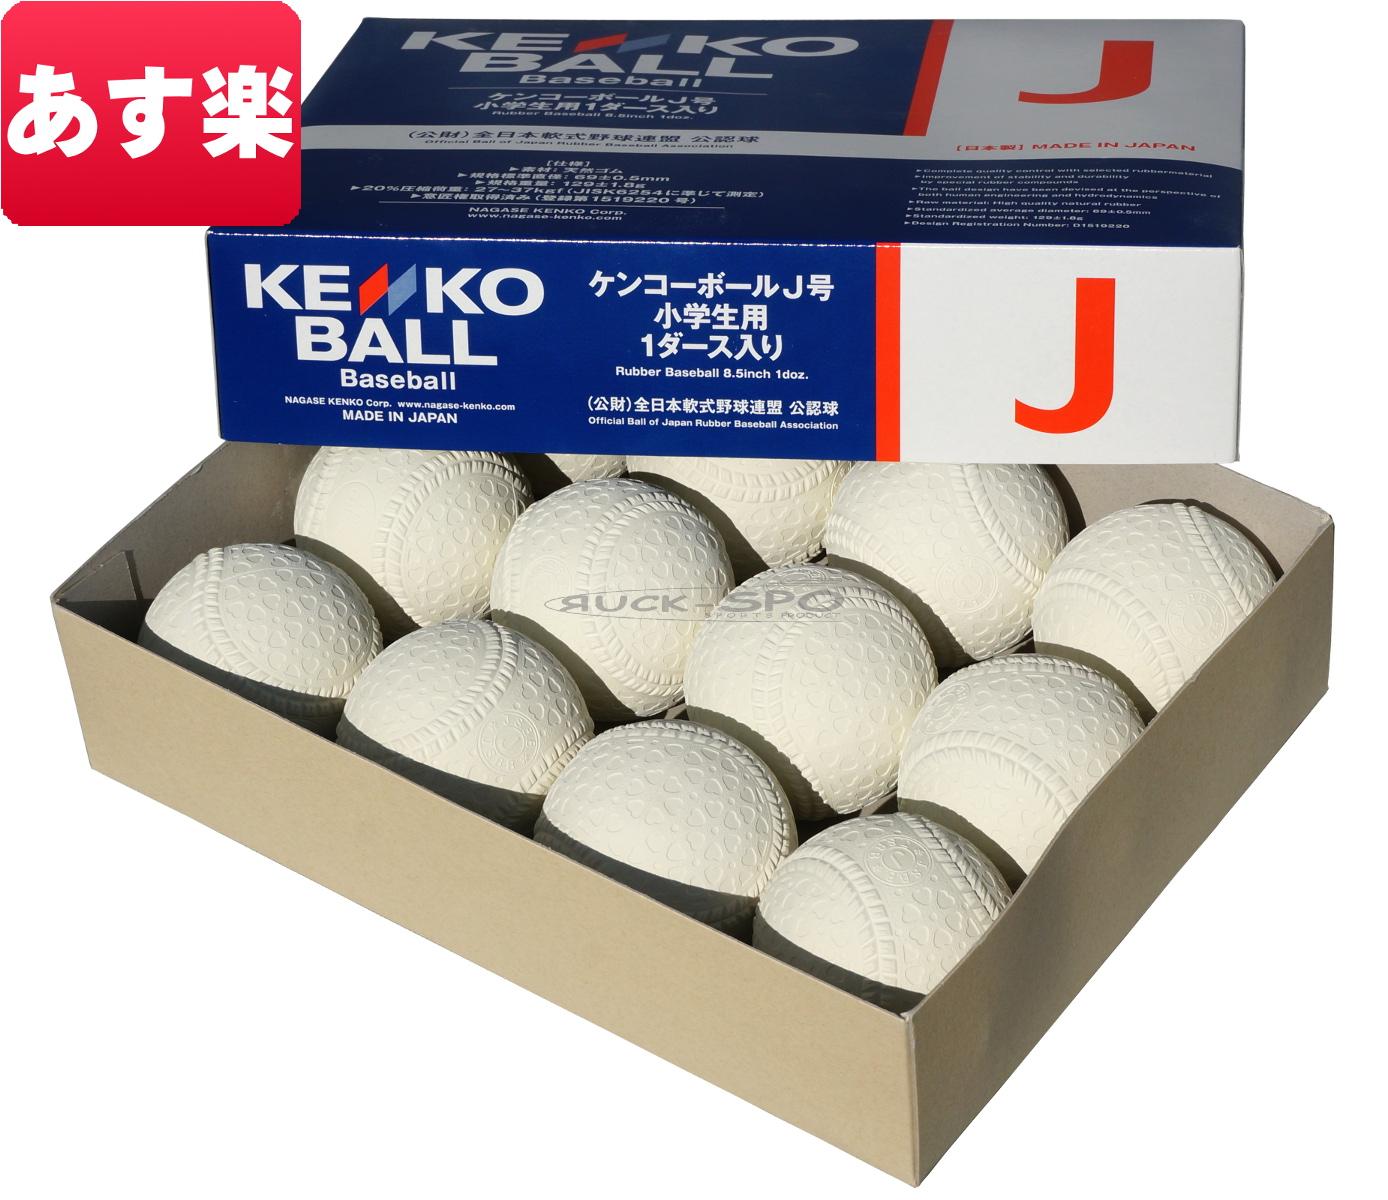 軟式野球ボール公認球 少年野球 ケンコーボール公認球 J号 1ダース J あす楽